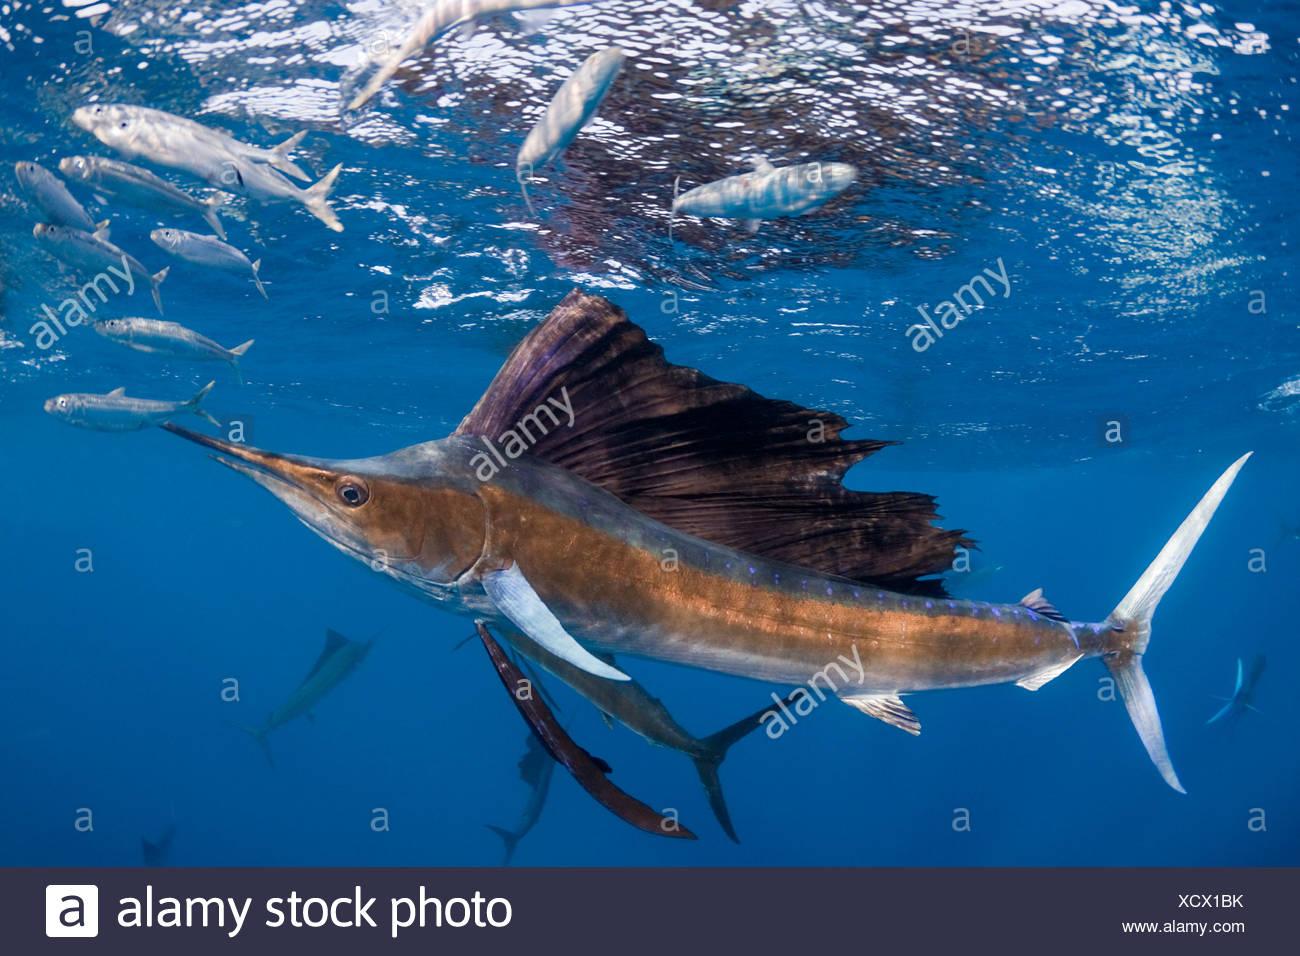 Voilier de l'{} Istiophorus albicans appât ball attaque de sardines espagnol Sardinella aurita {} au large de la péninsule du Yucatan Photo Stock